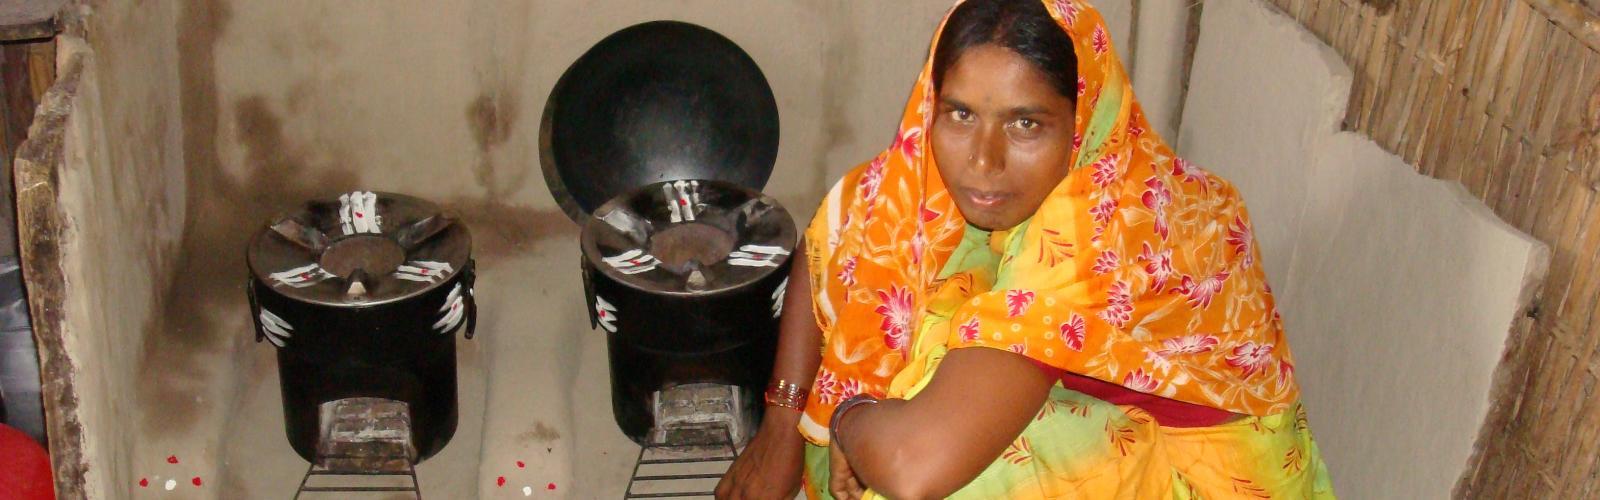 Vrouw kookt op kooktoestel India